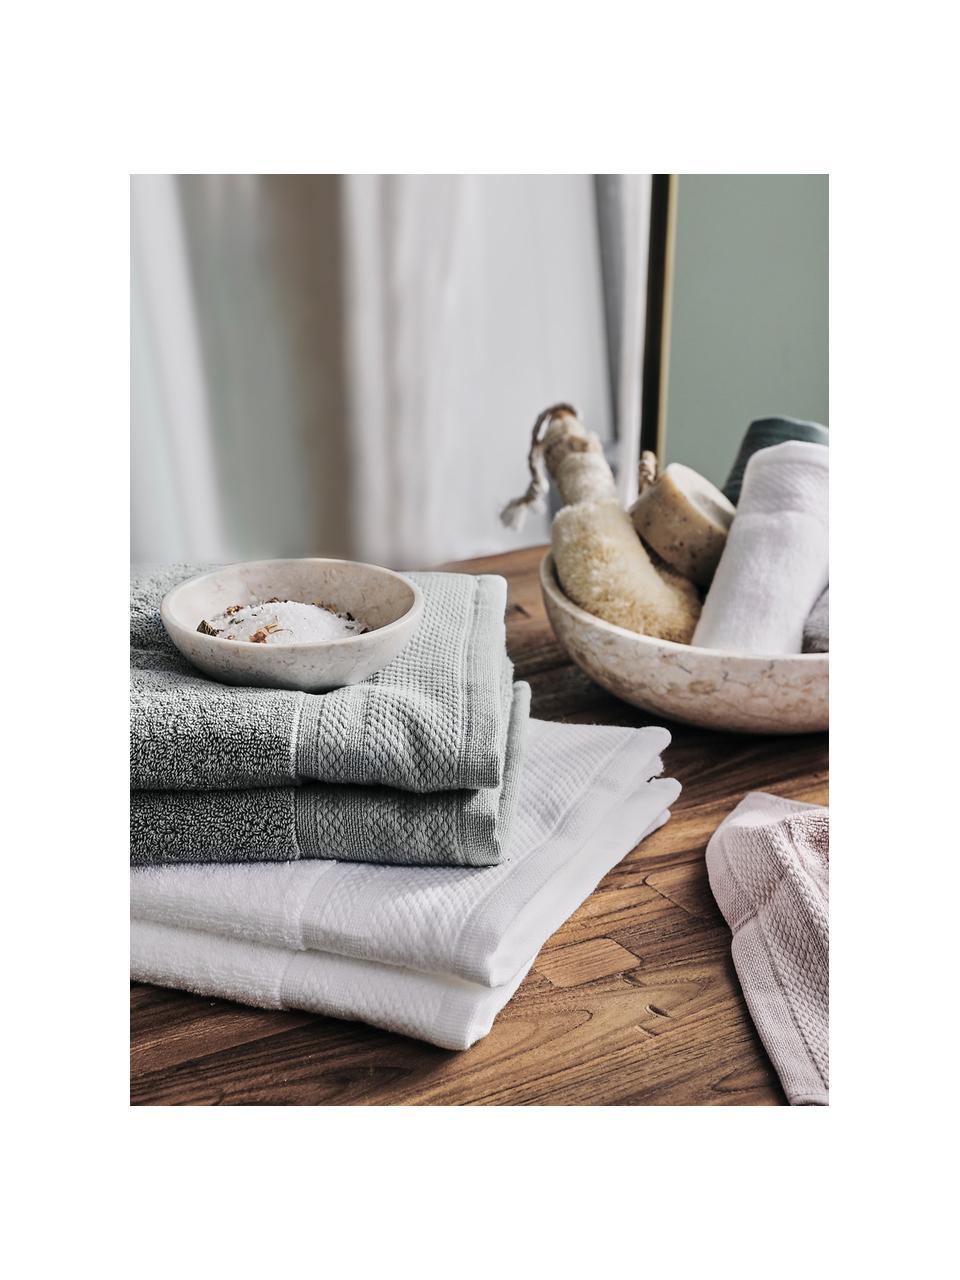 Handtuch Premium in verschiedenen Größen, mit klassischer Zierbordüre, Dunkelgrau, XS Gästehandtuch